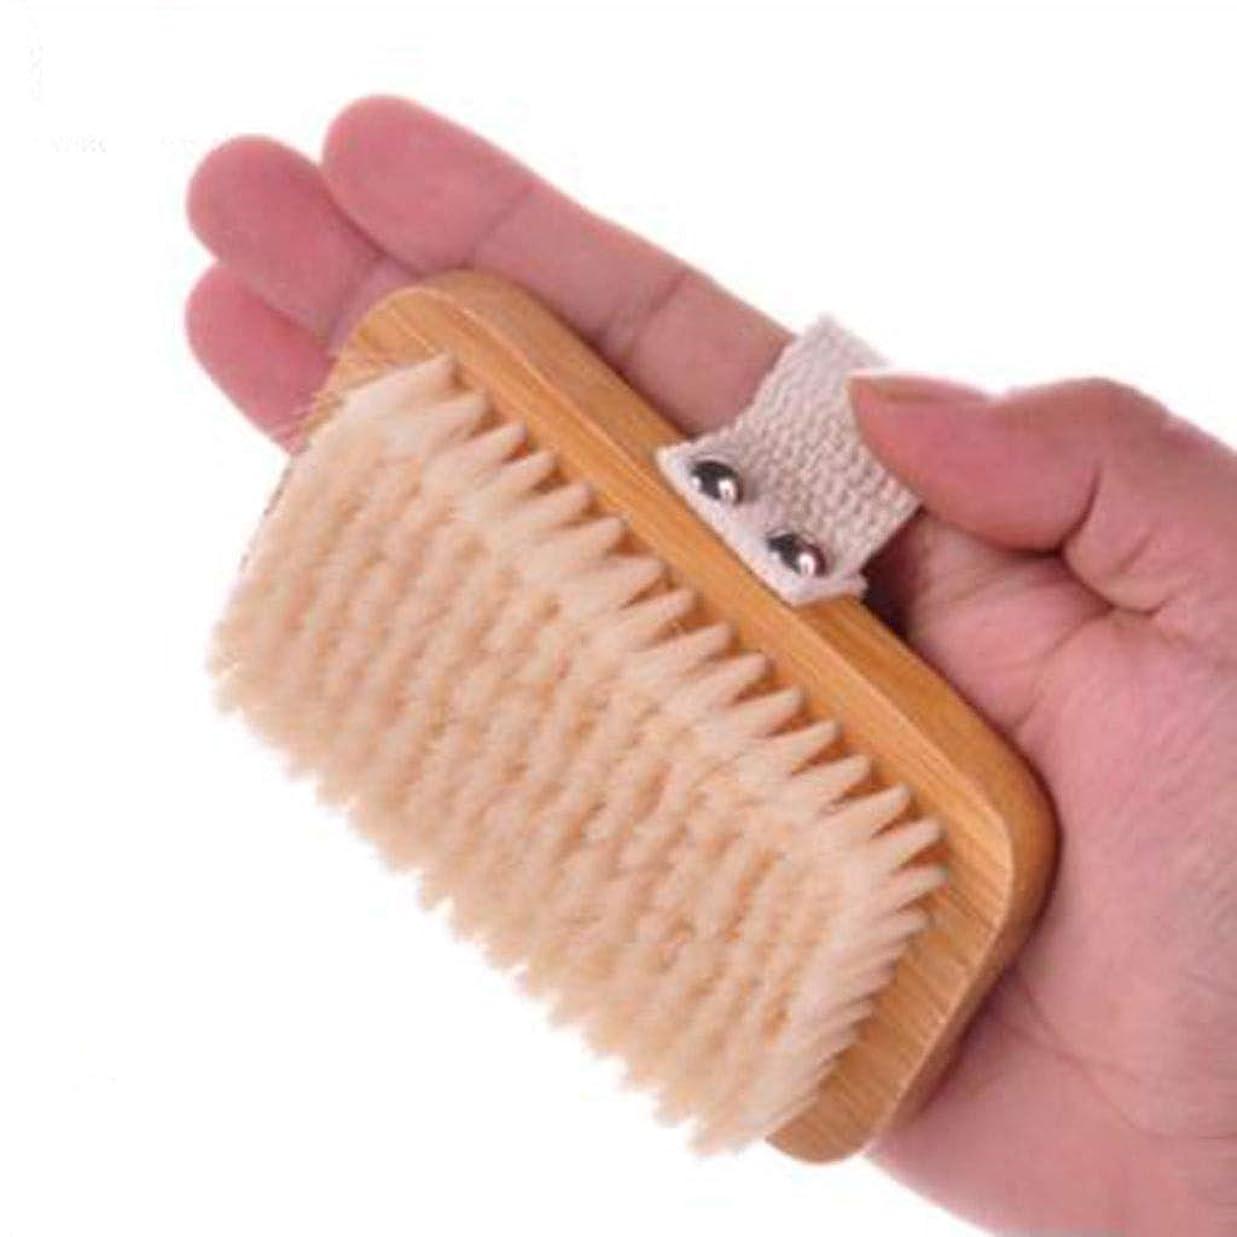 薄汚い曇った解読するドライスキンボディブラシ - 肌の健康と美容を向上させます - ナチュラル剛毛 - デッドスキンと毒素を取り除きます